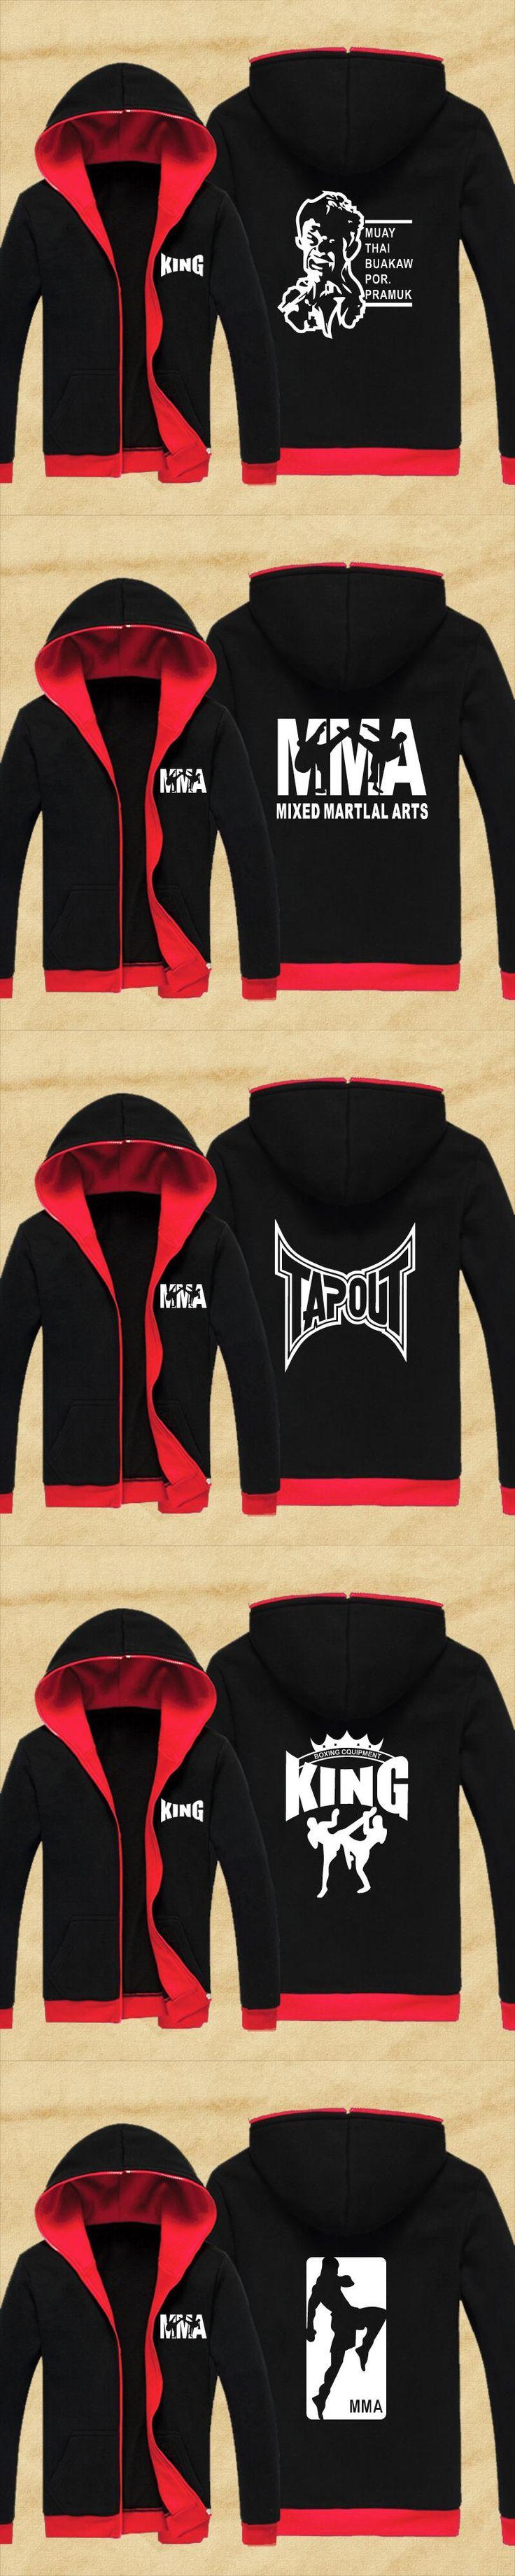 New arrival MMA Hoodie Muay Thai Fighting Zipper Hoodies fleece jacket Men Sweatshirts Suit Unisex King Martial Art Coat